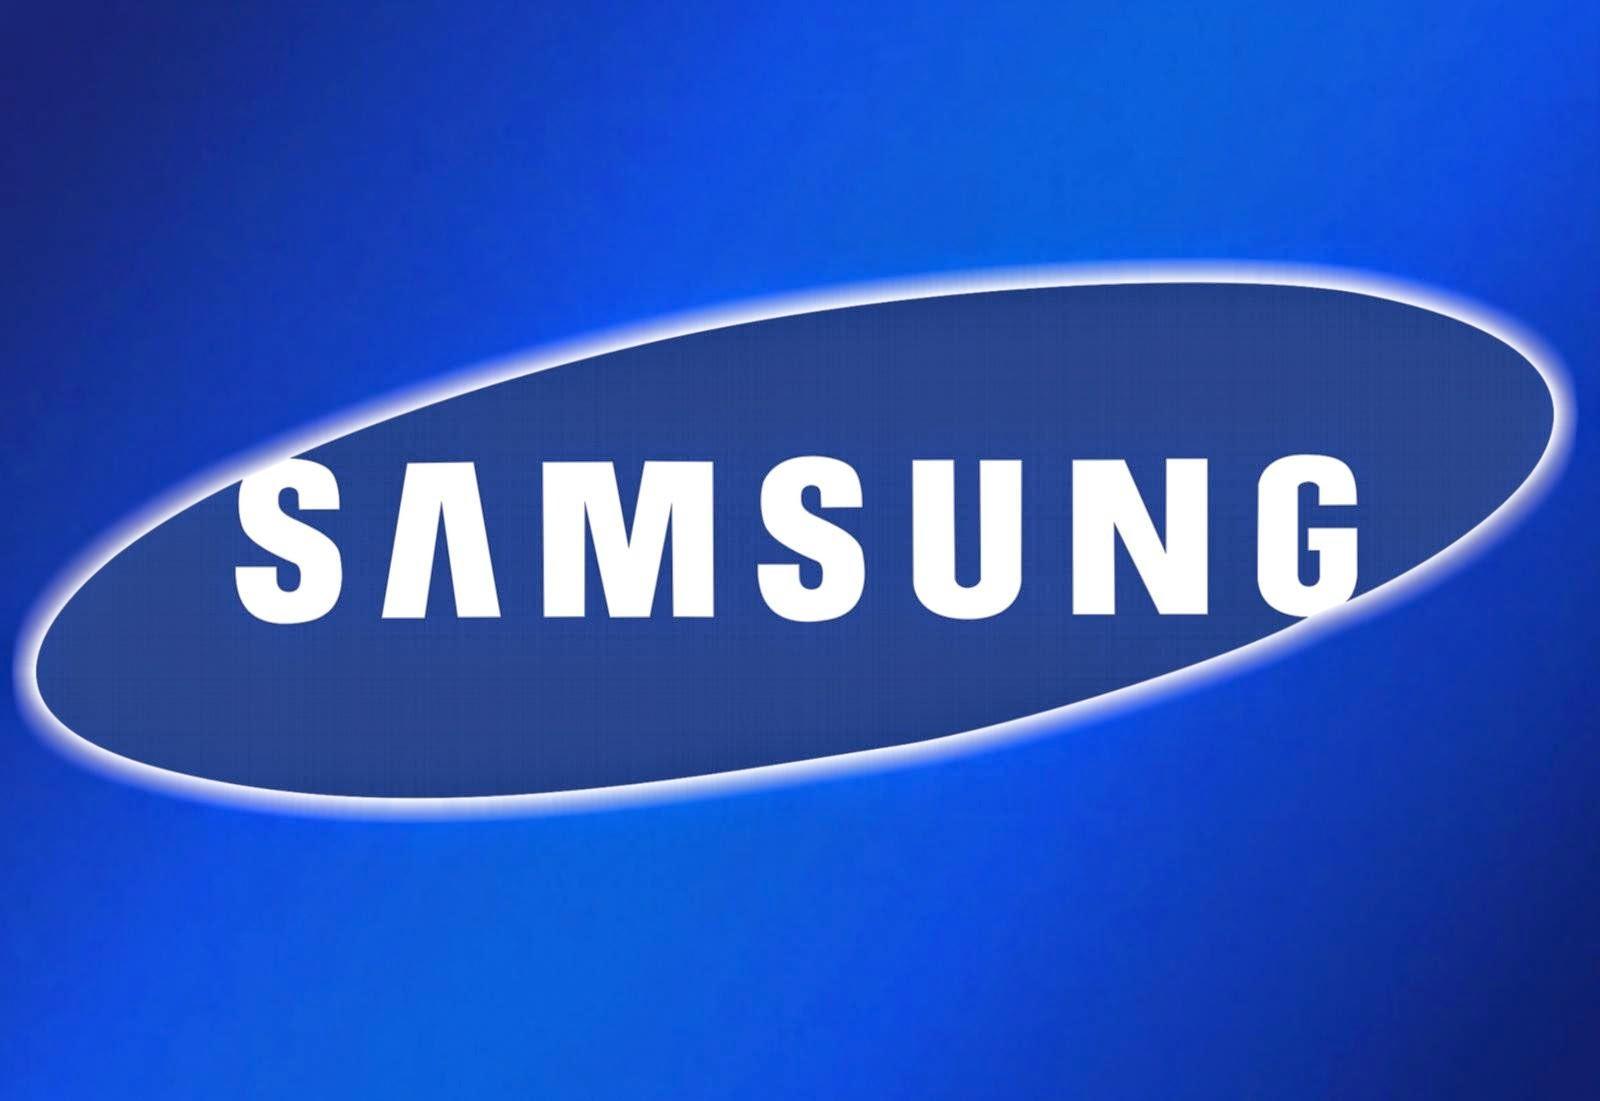 Daftar Harga Handphone Samsung Android Update Terbaru Bulan September 2014